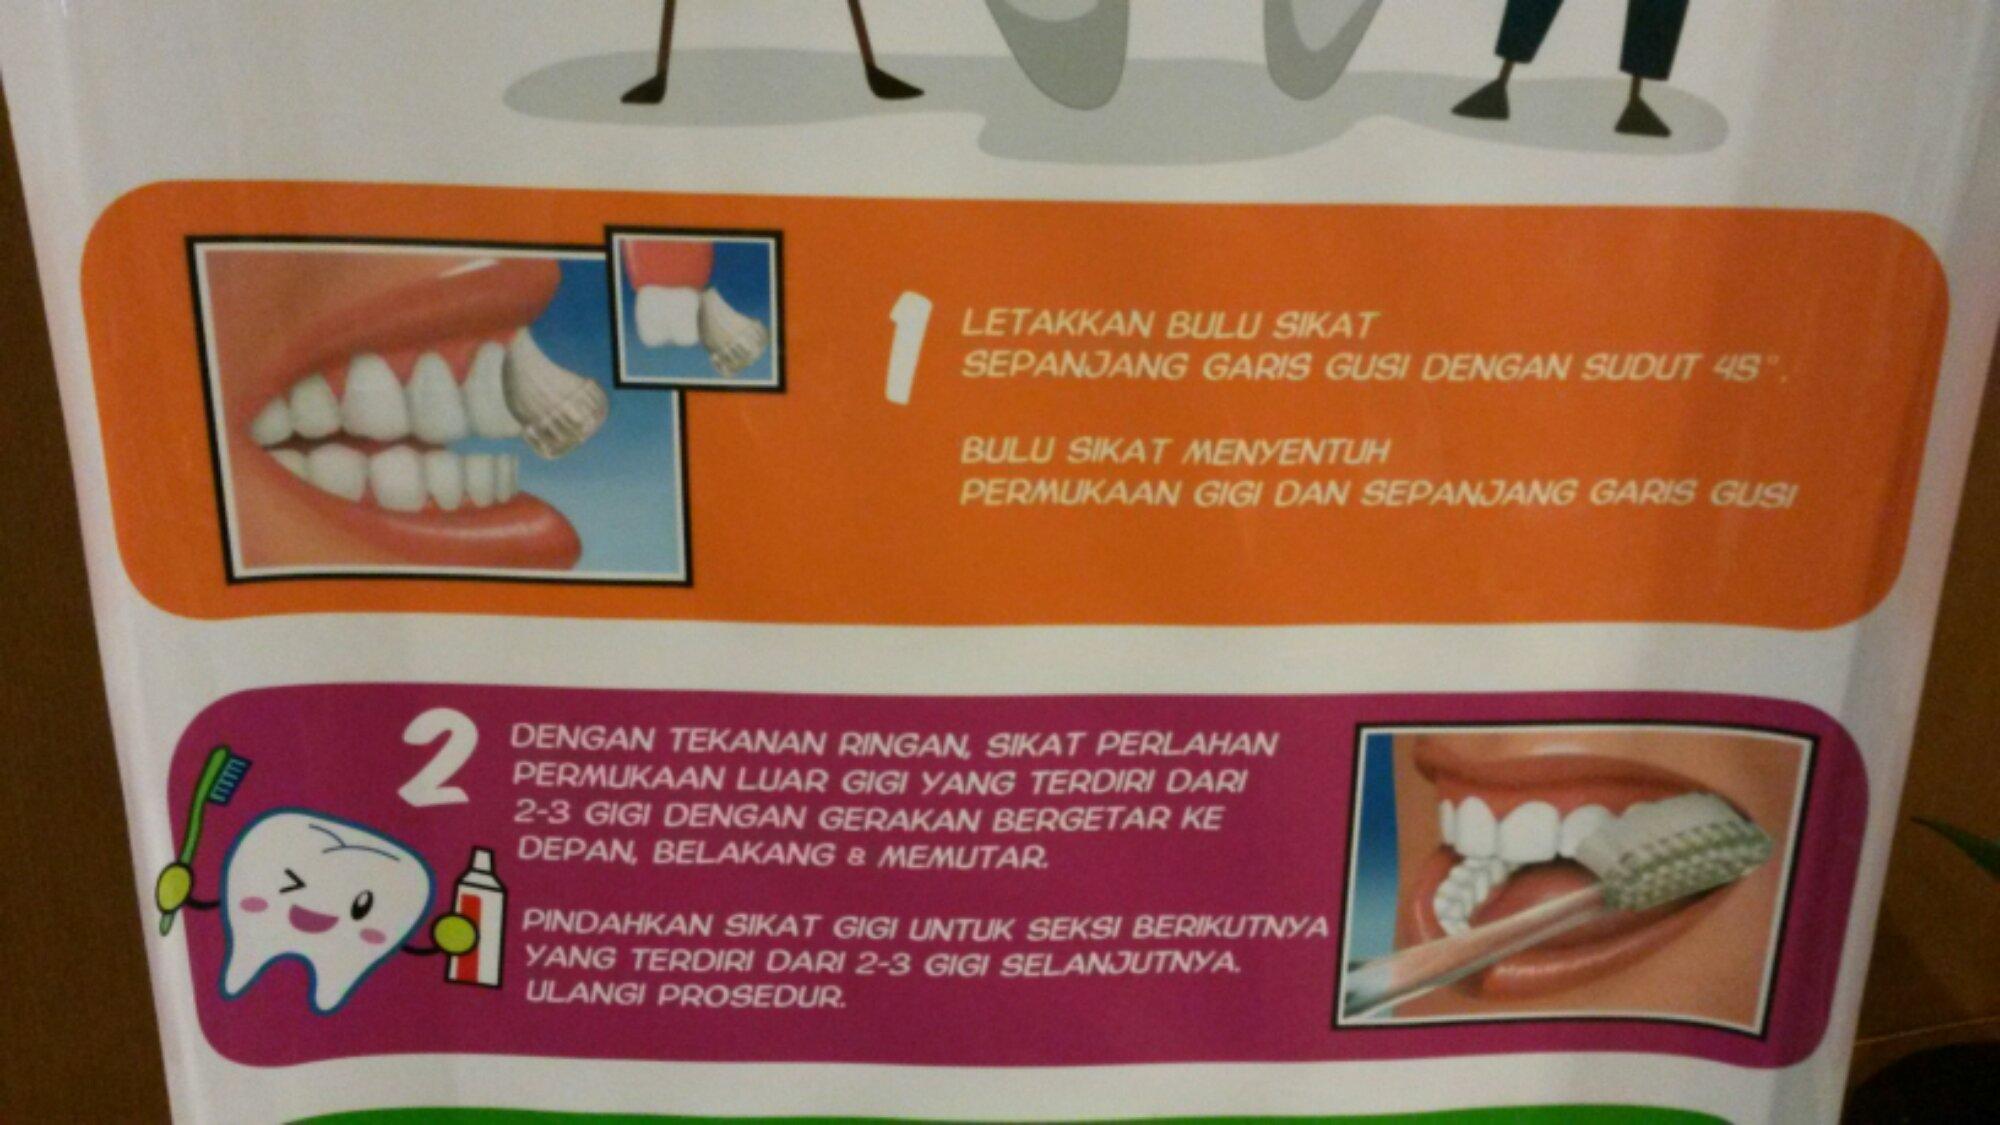 Bagaimana cara menyikat gigi yang baik dan benar agar tak sakit gigi ... 7d325833d7